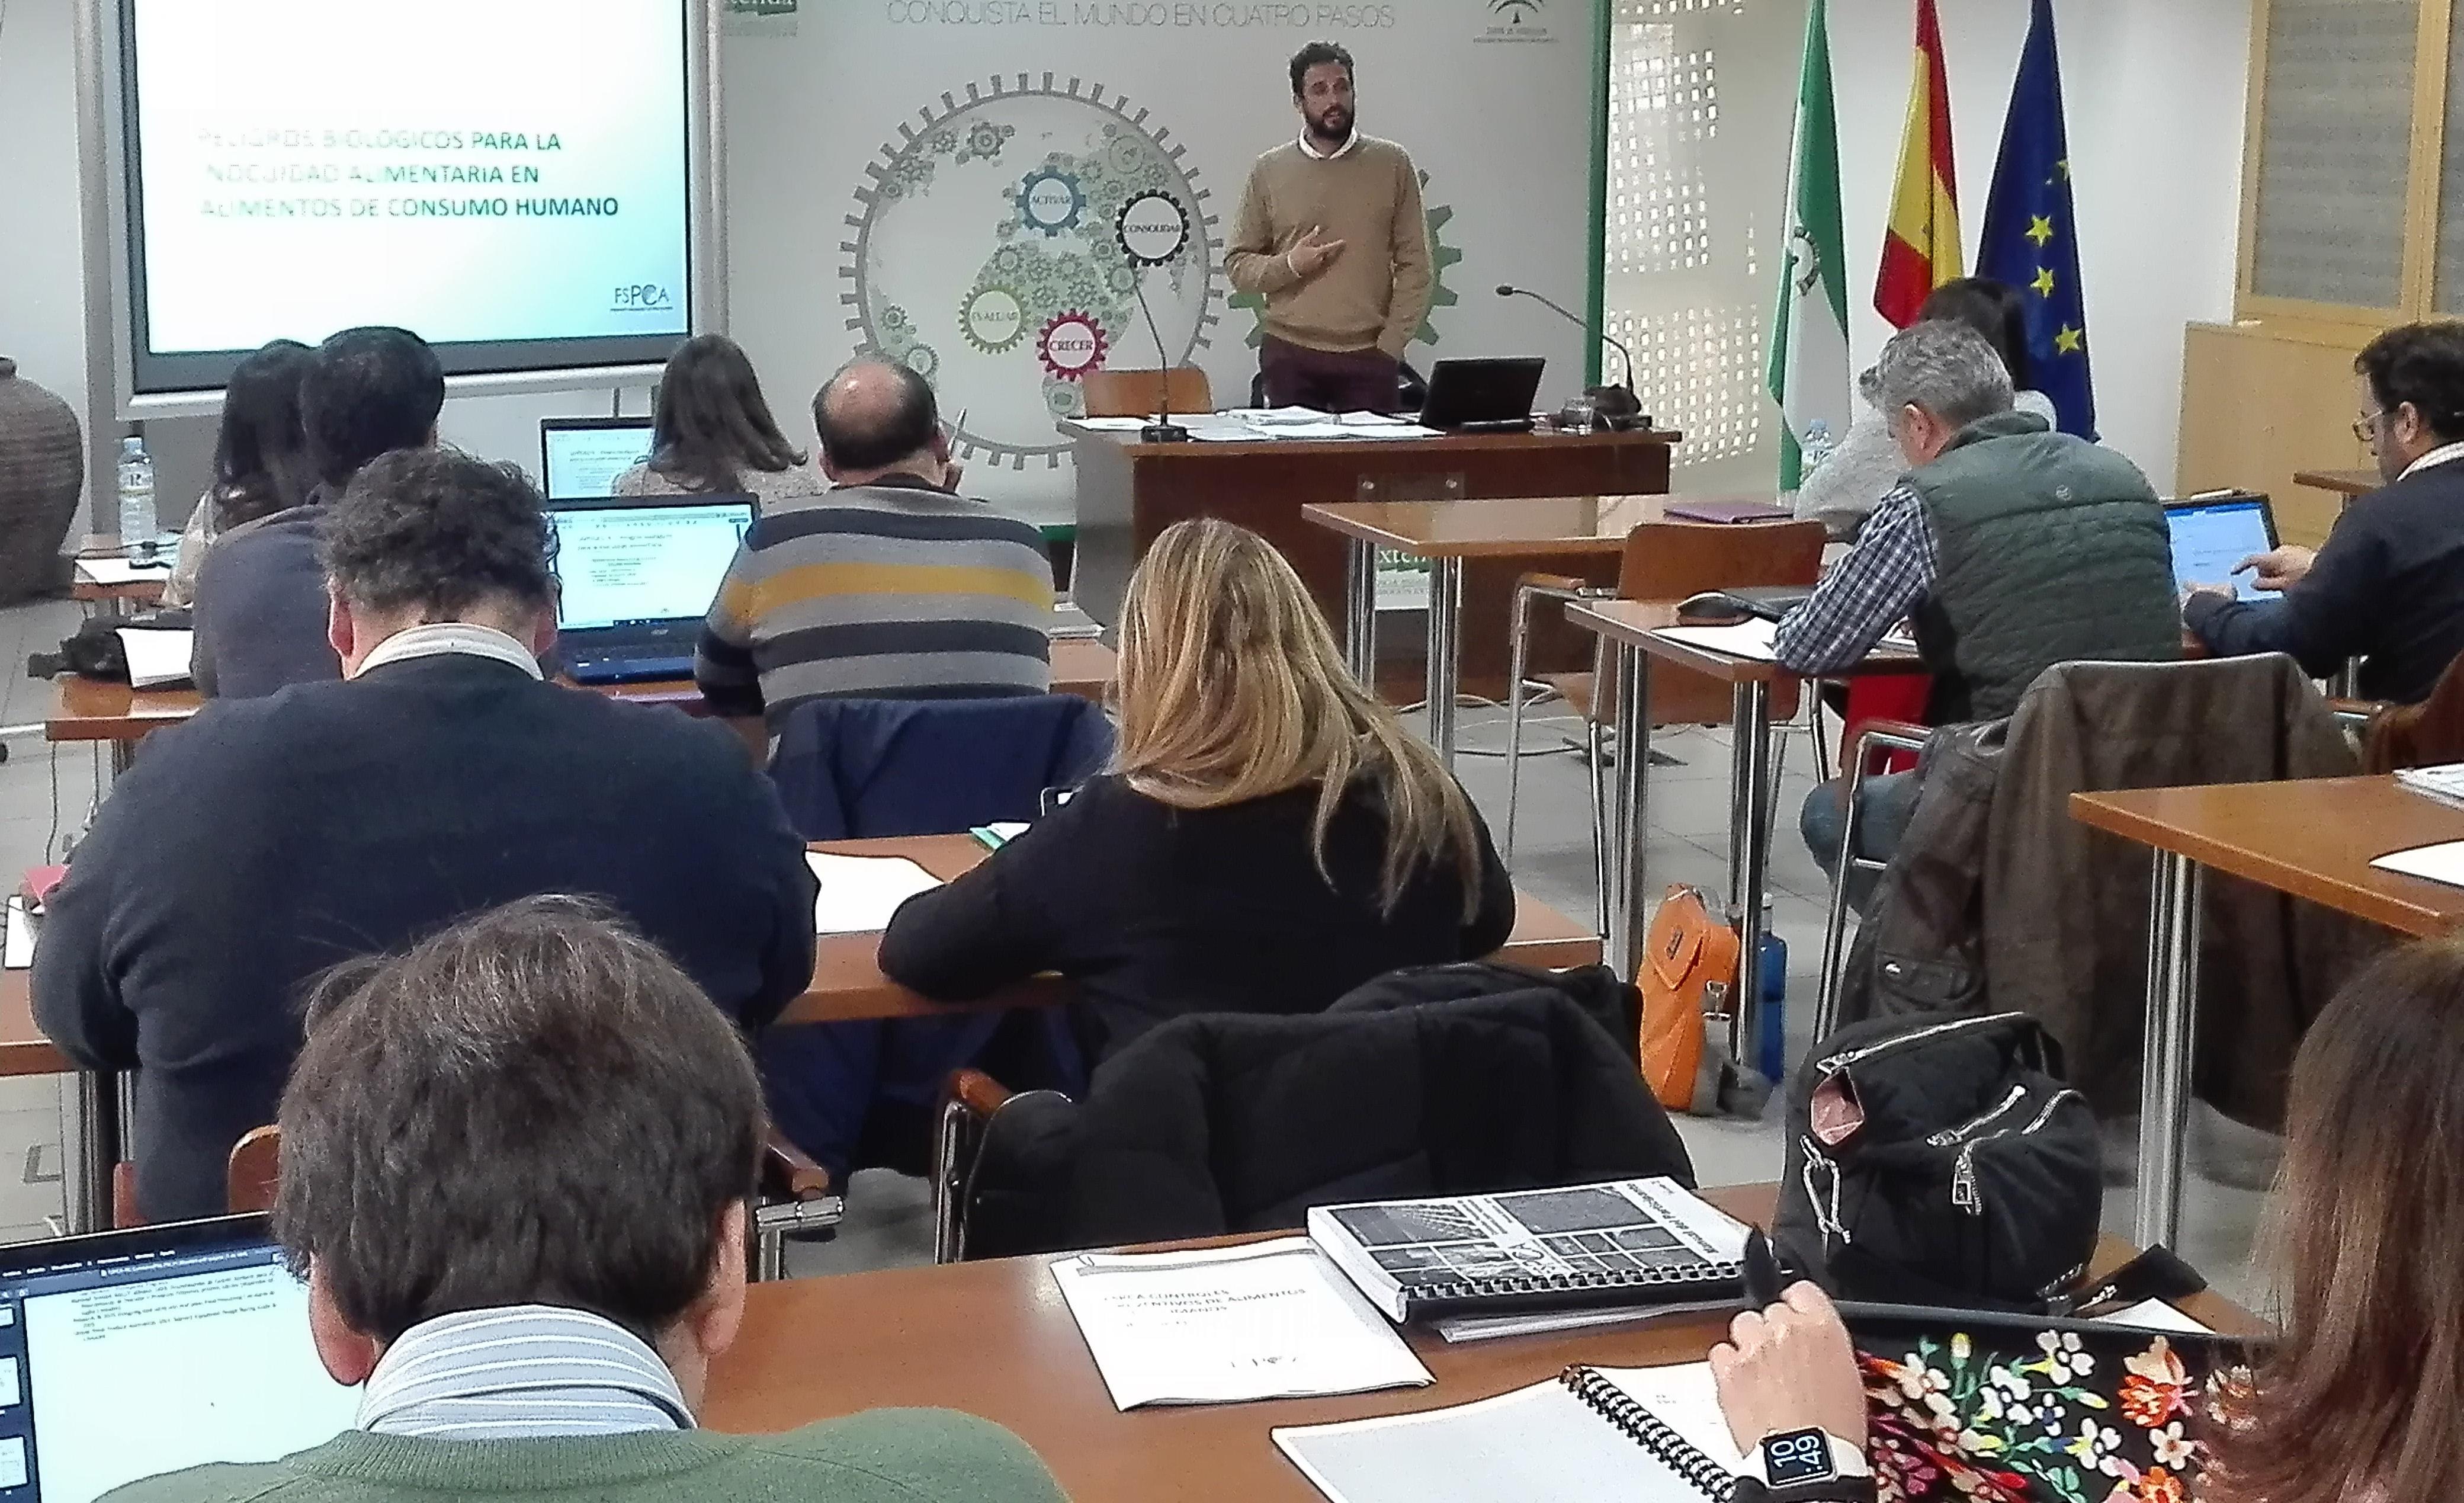 GOCA Consulting imparte el curso de formación de PCQI para la industria de alimentos procesados.